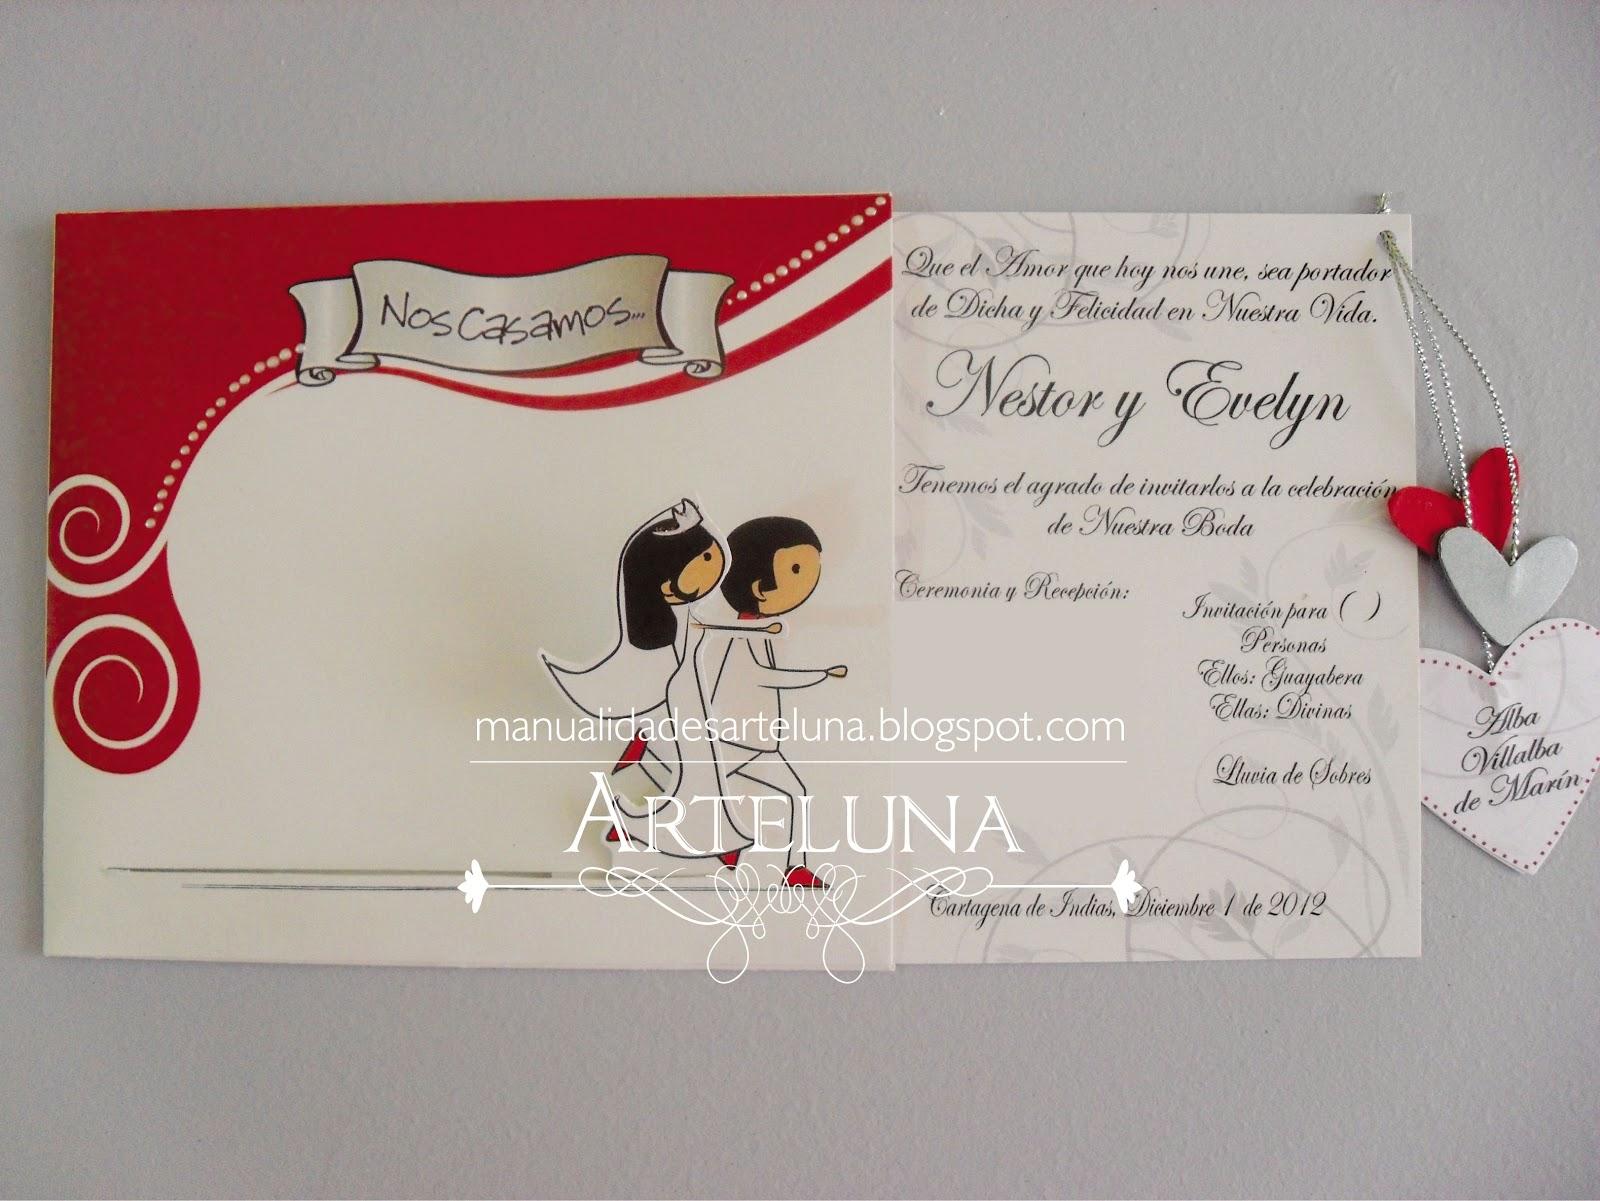 Modelos tarjetas matrimonio - Modelos de tarjetas de boda ...